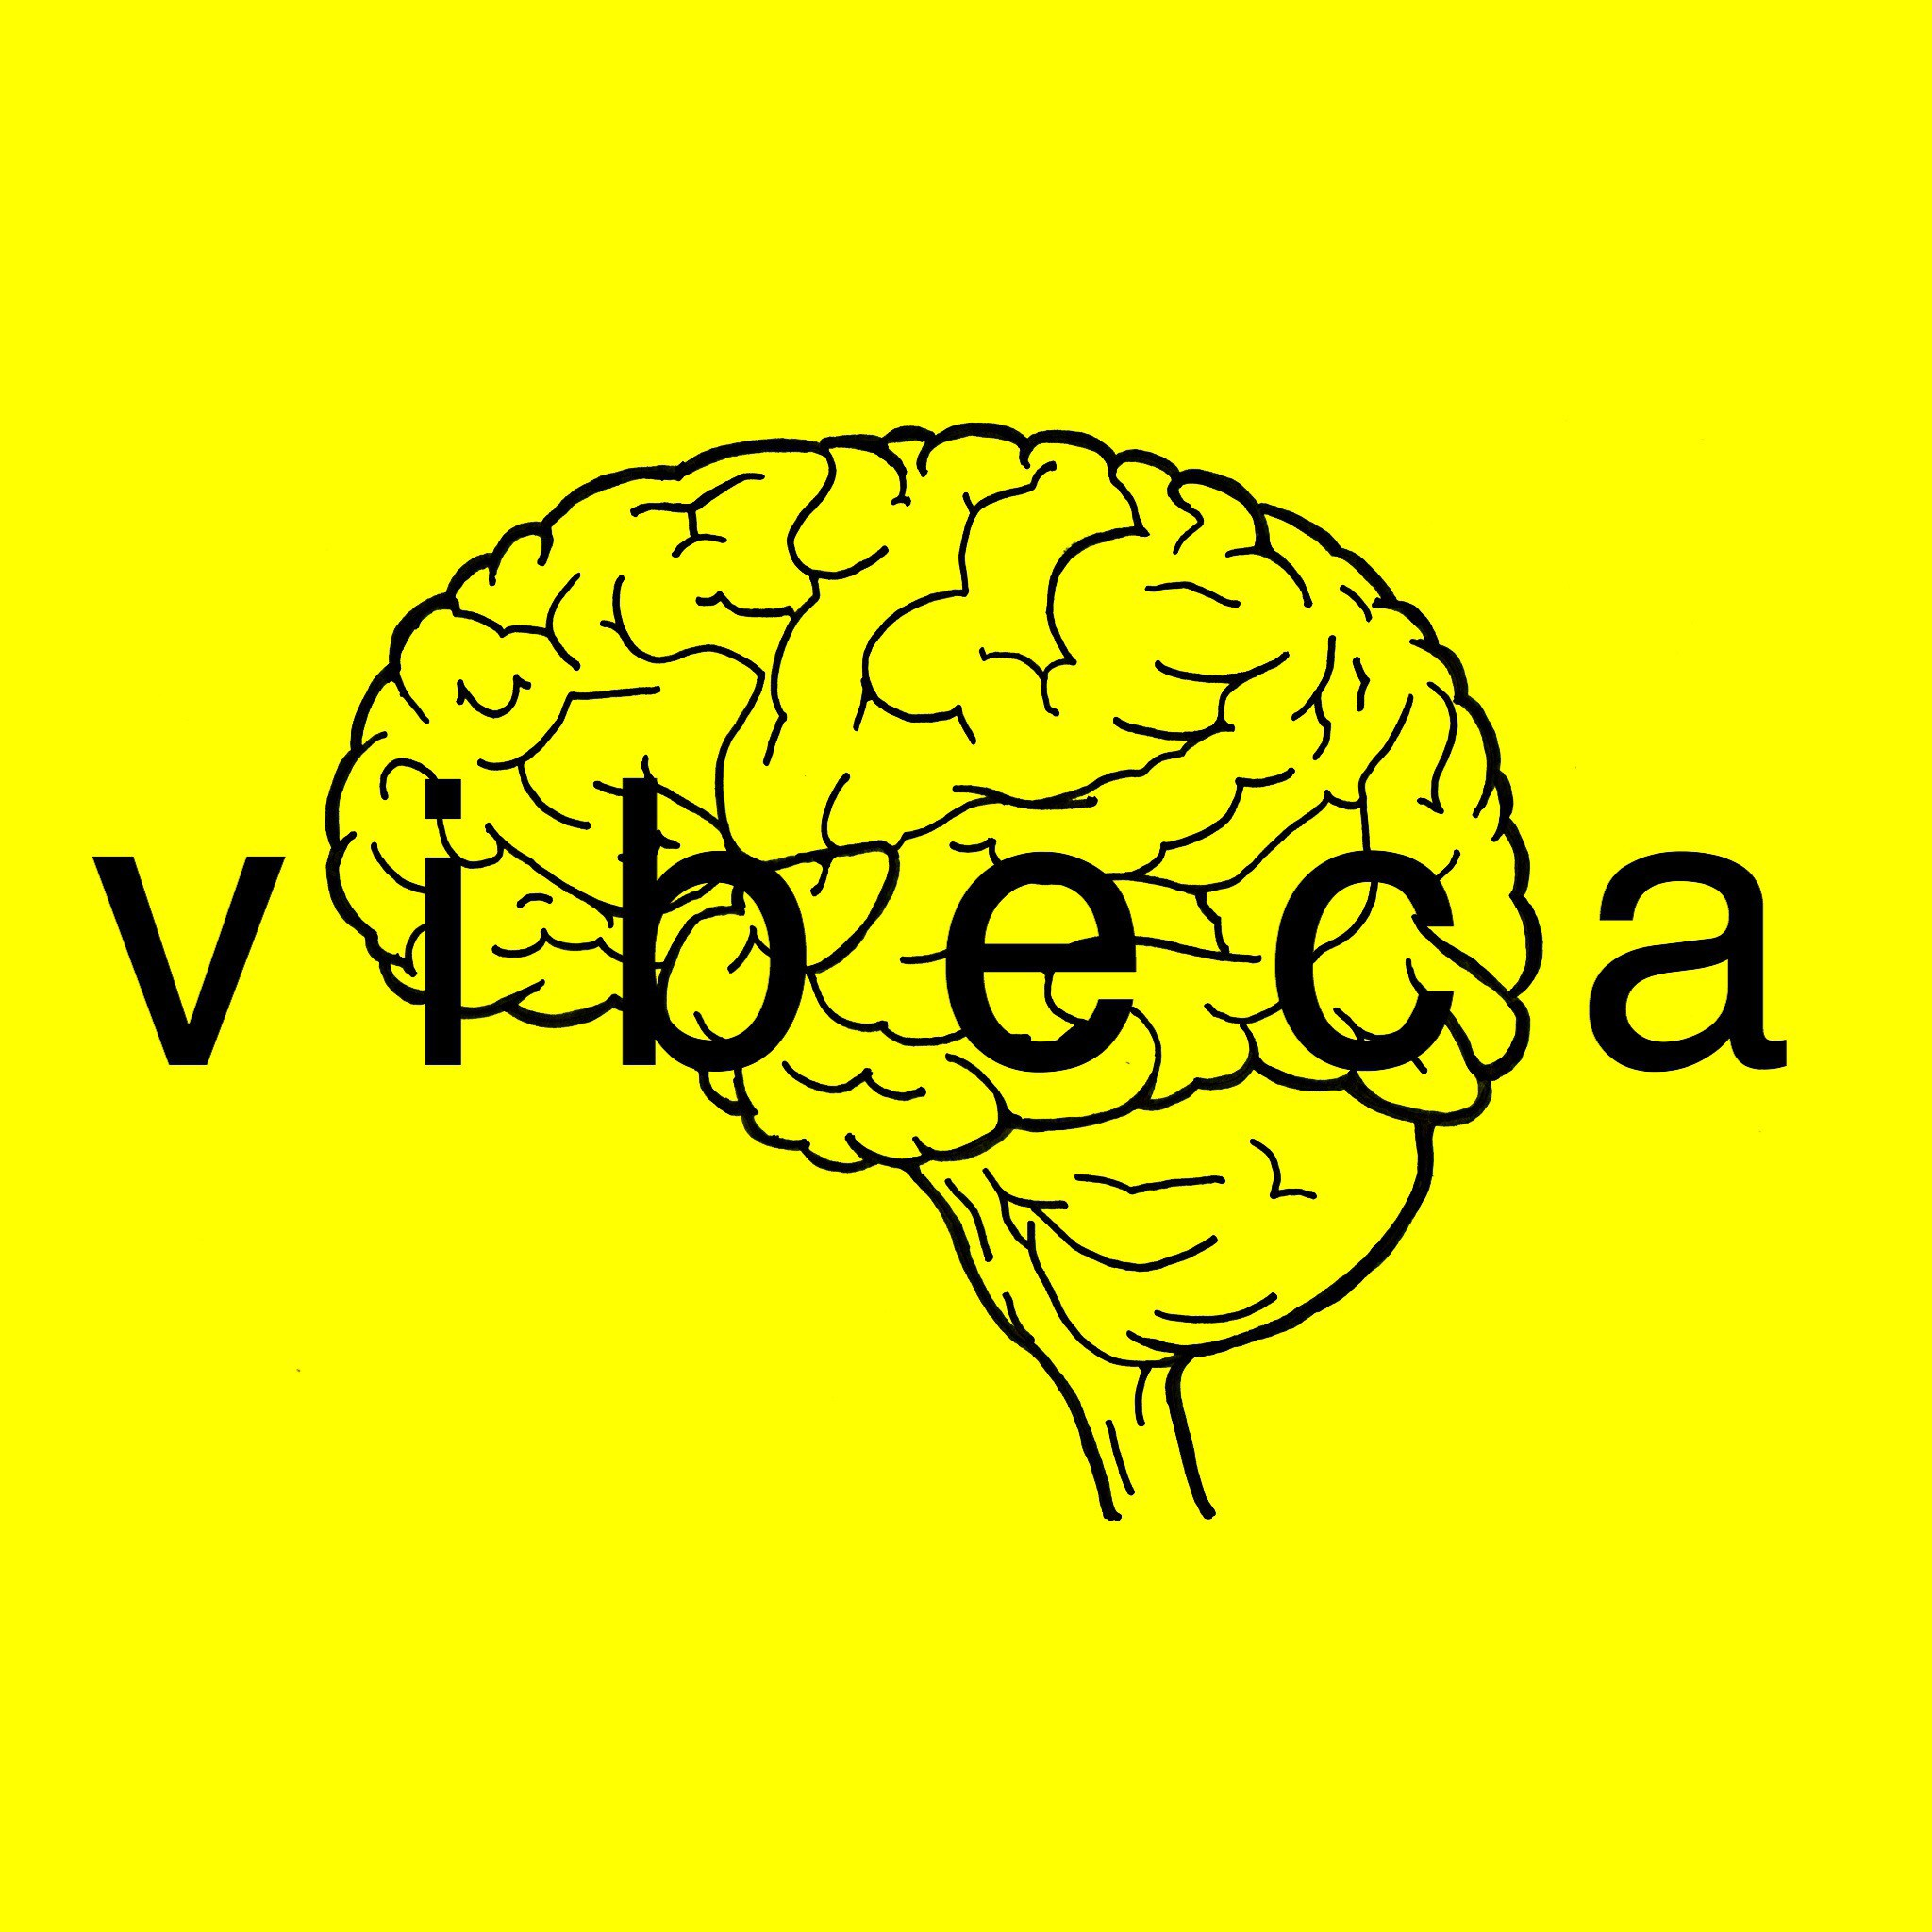 vibeca より皆様へのご挨拶、購入前に必ずお読みください。